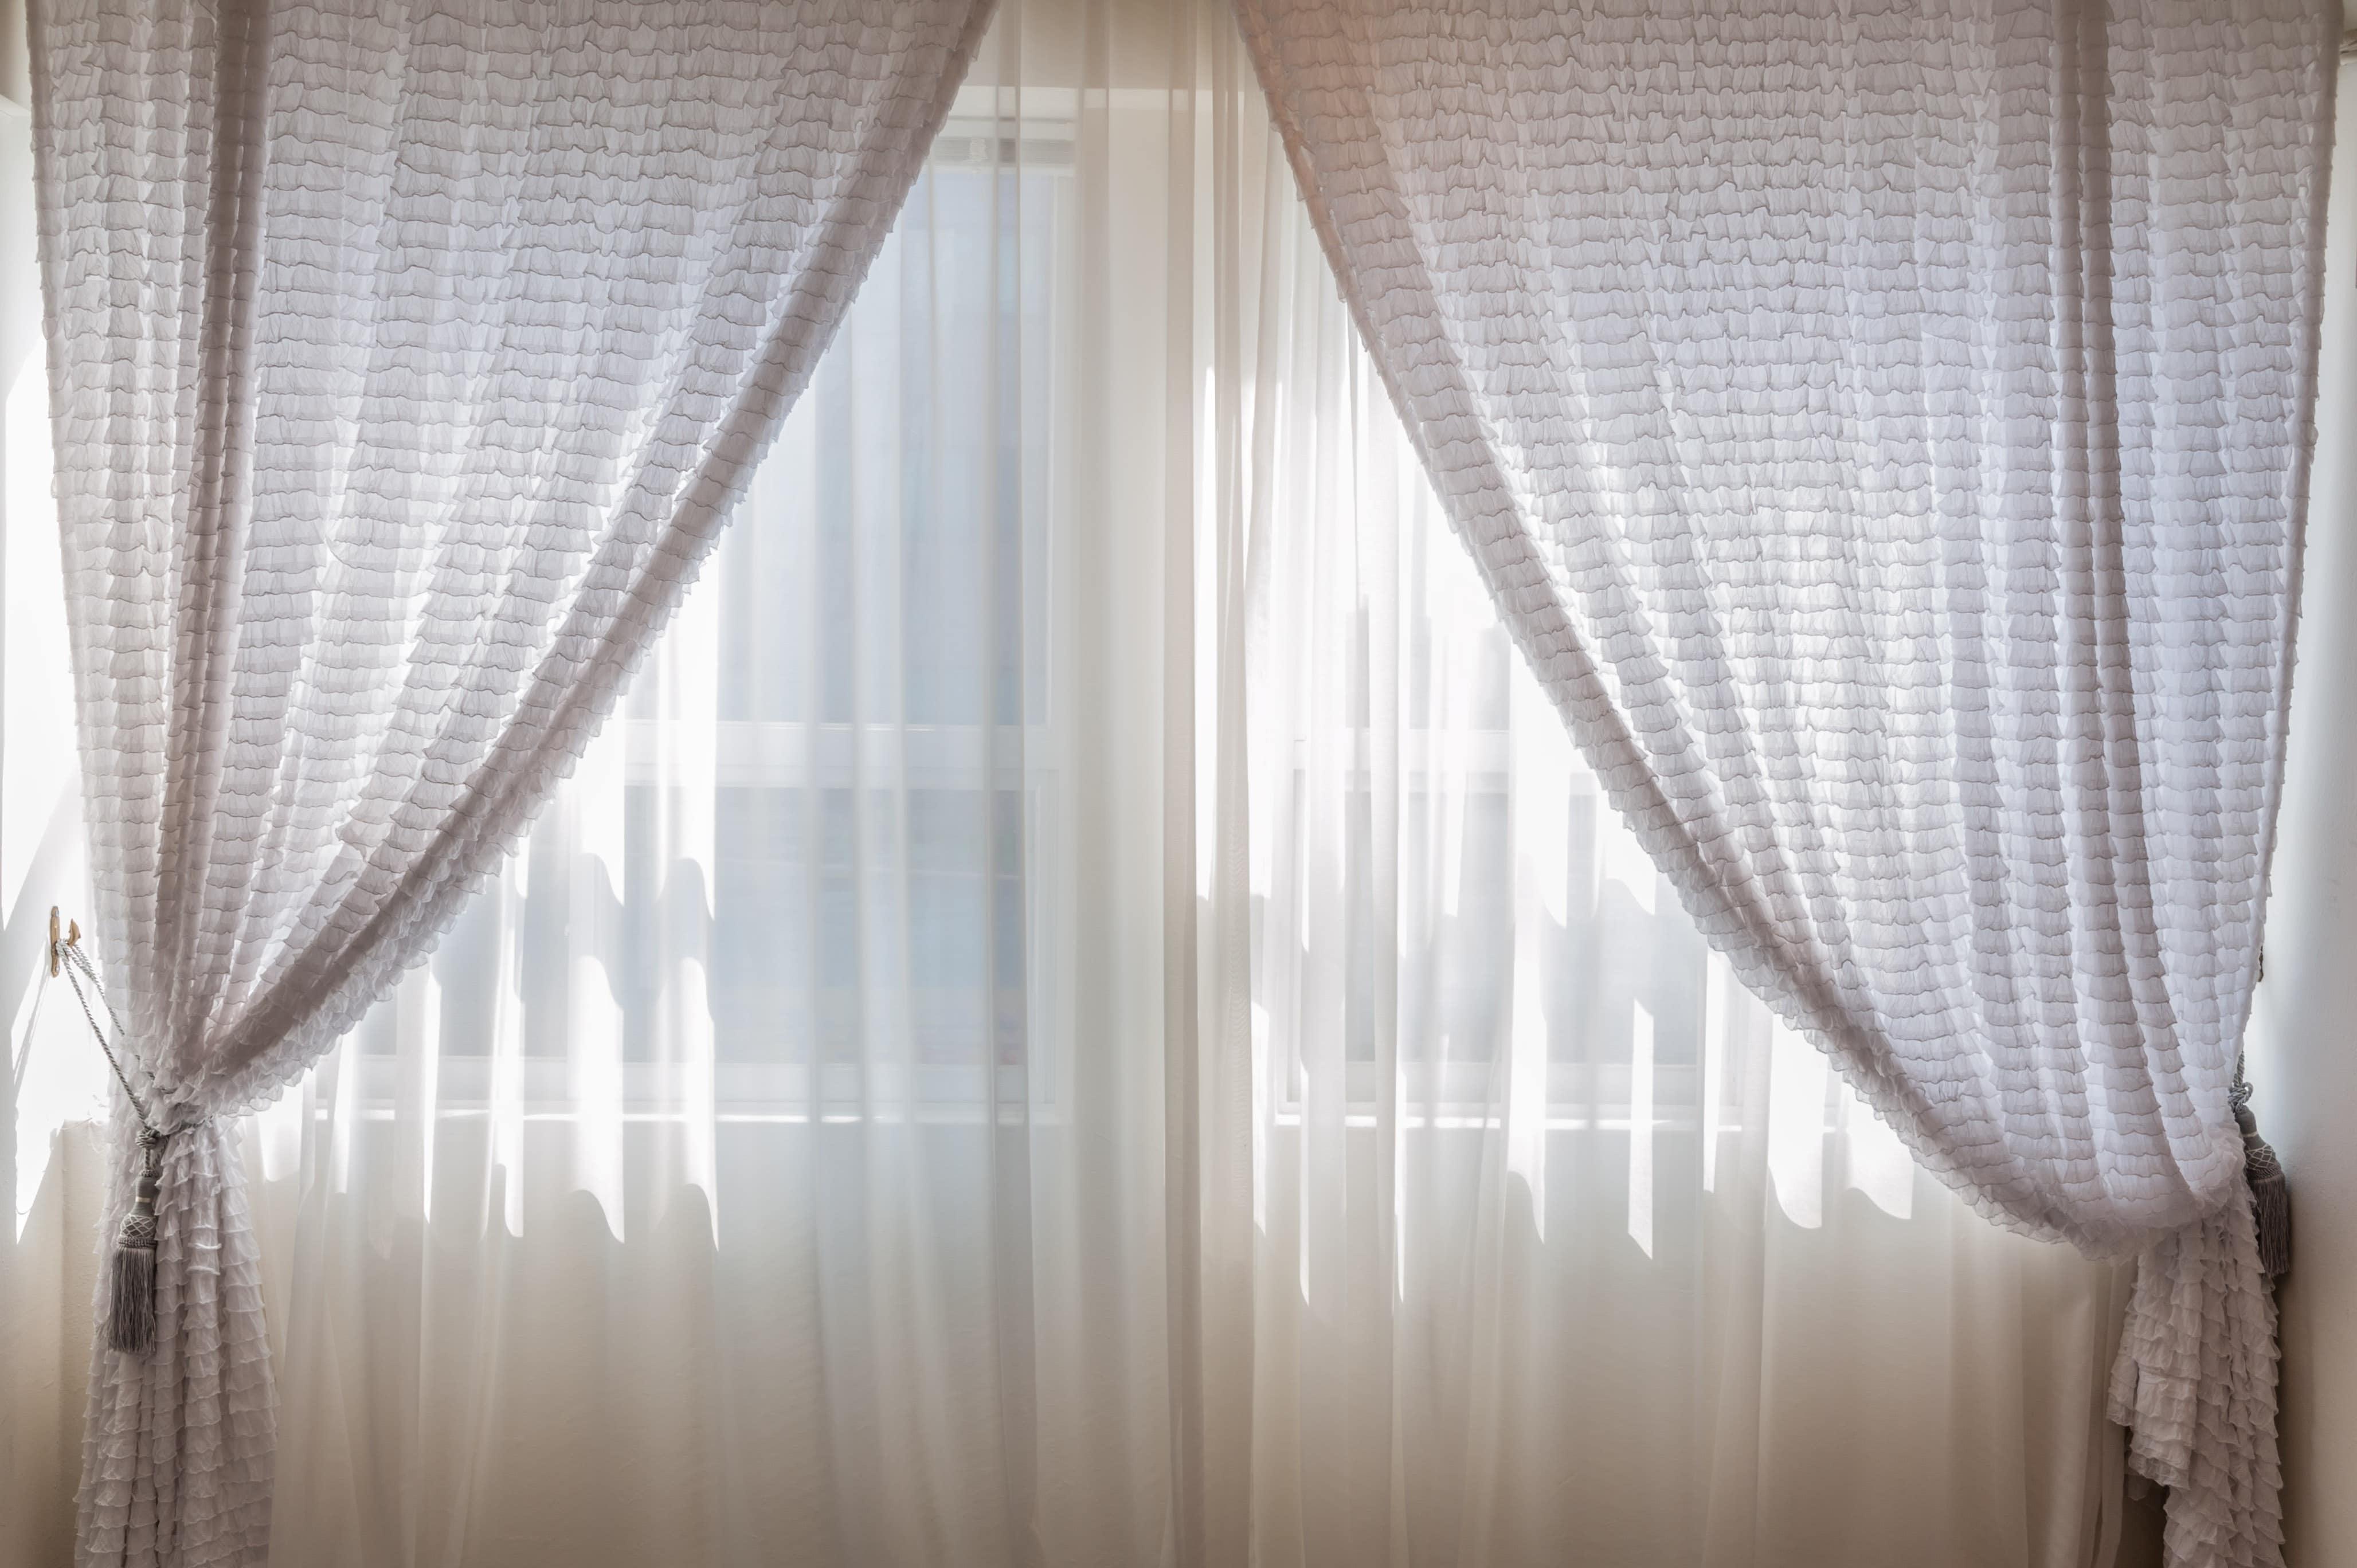 Comment fixer une tringle à rideaux sans perçage ? - Blog Decoration ...